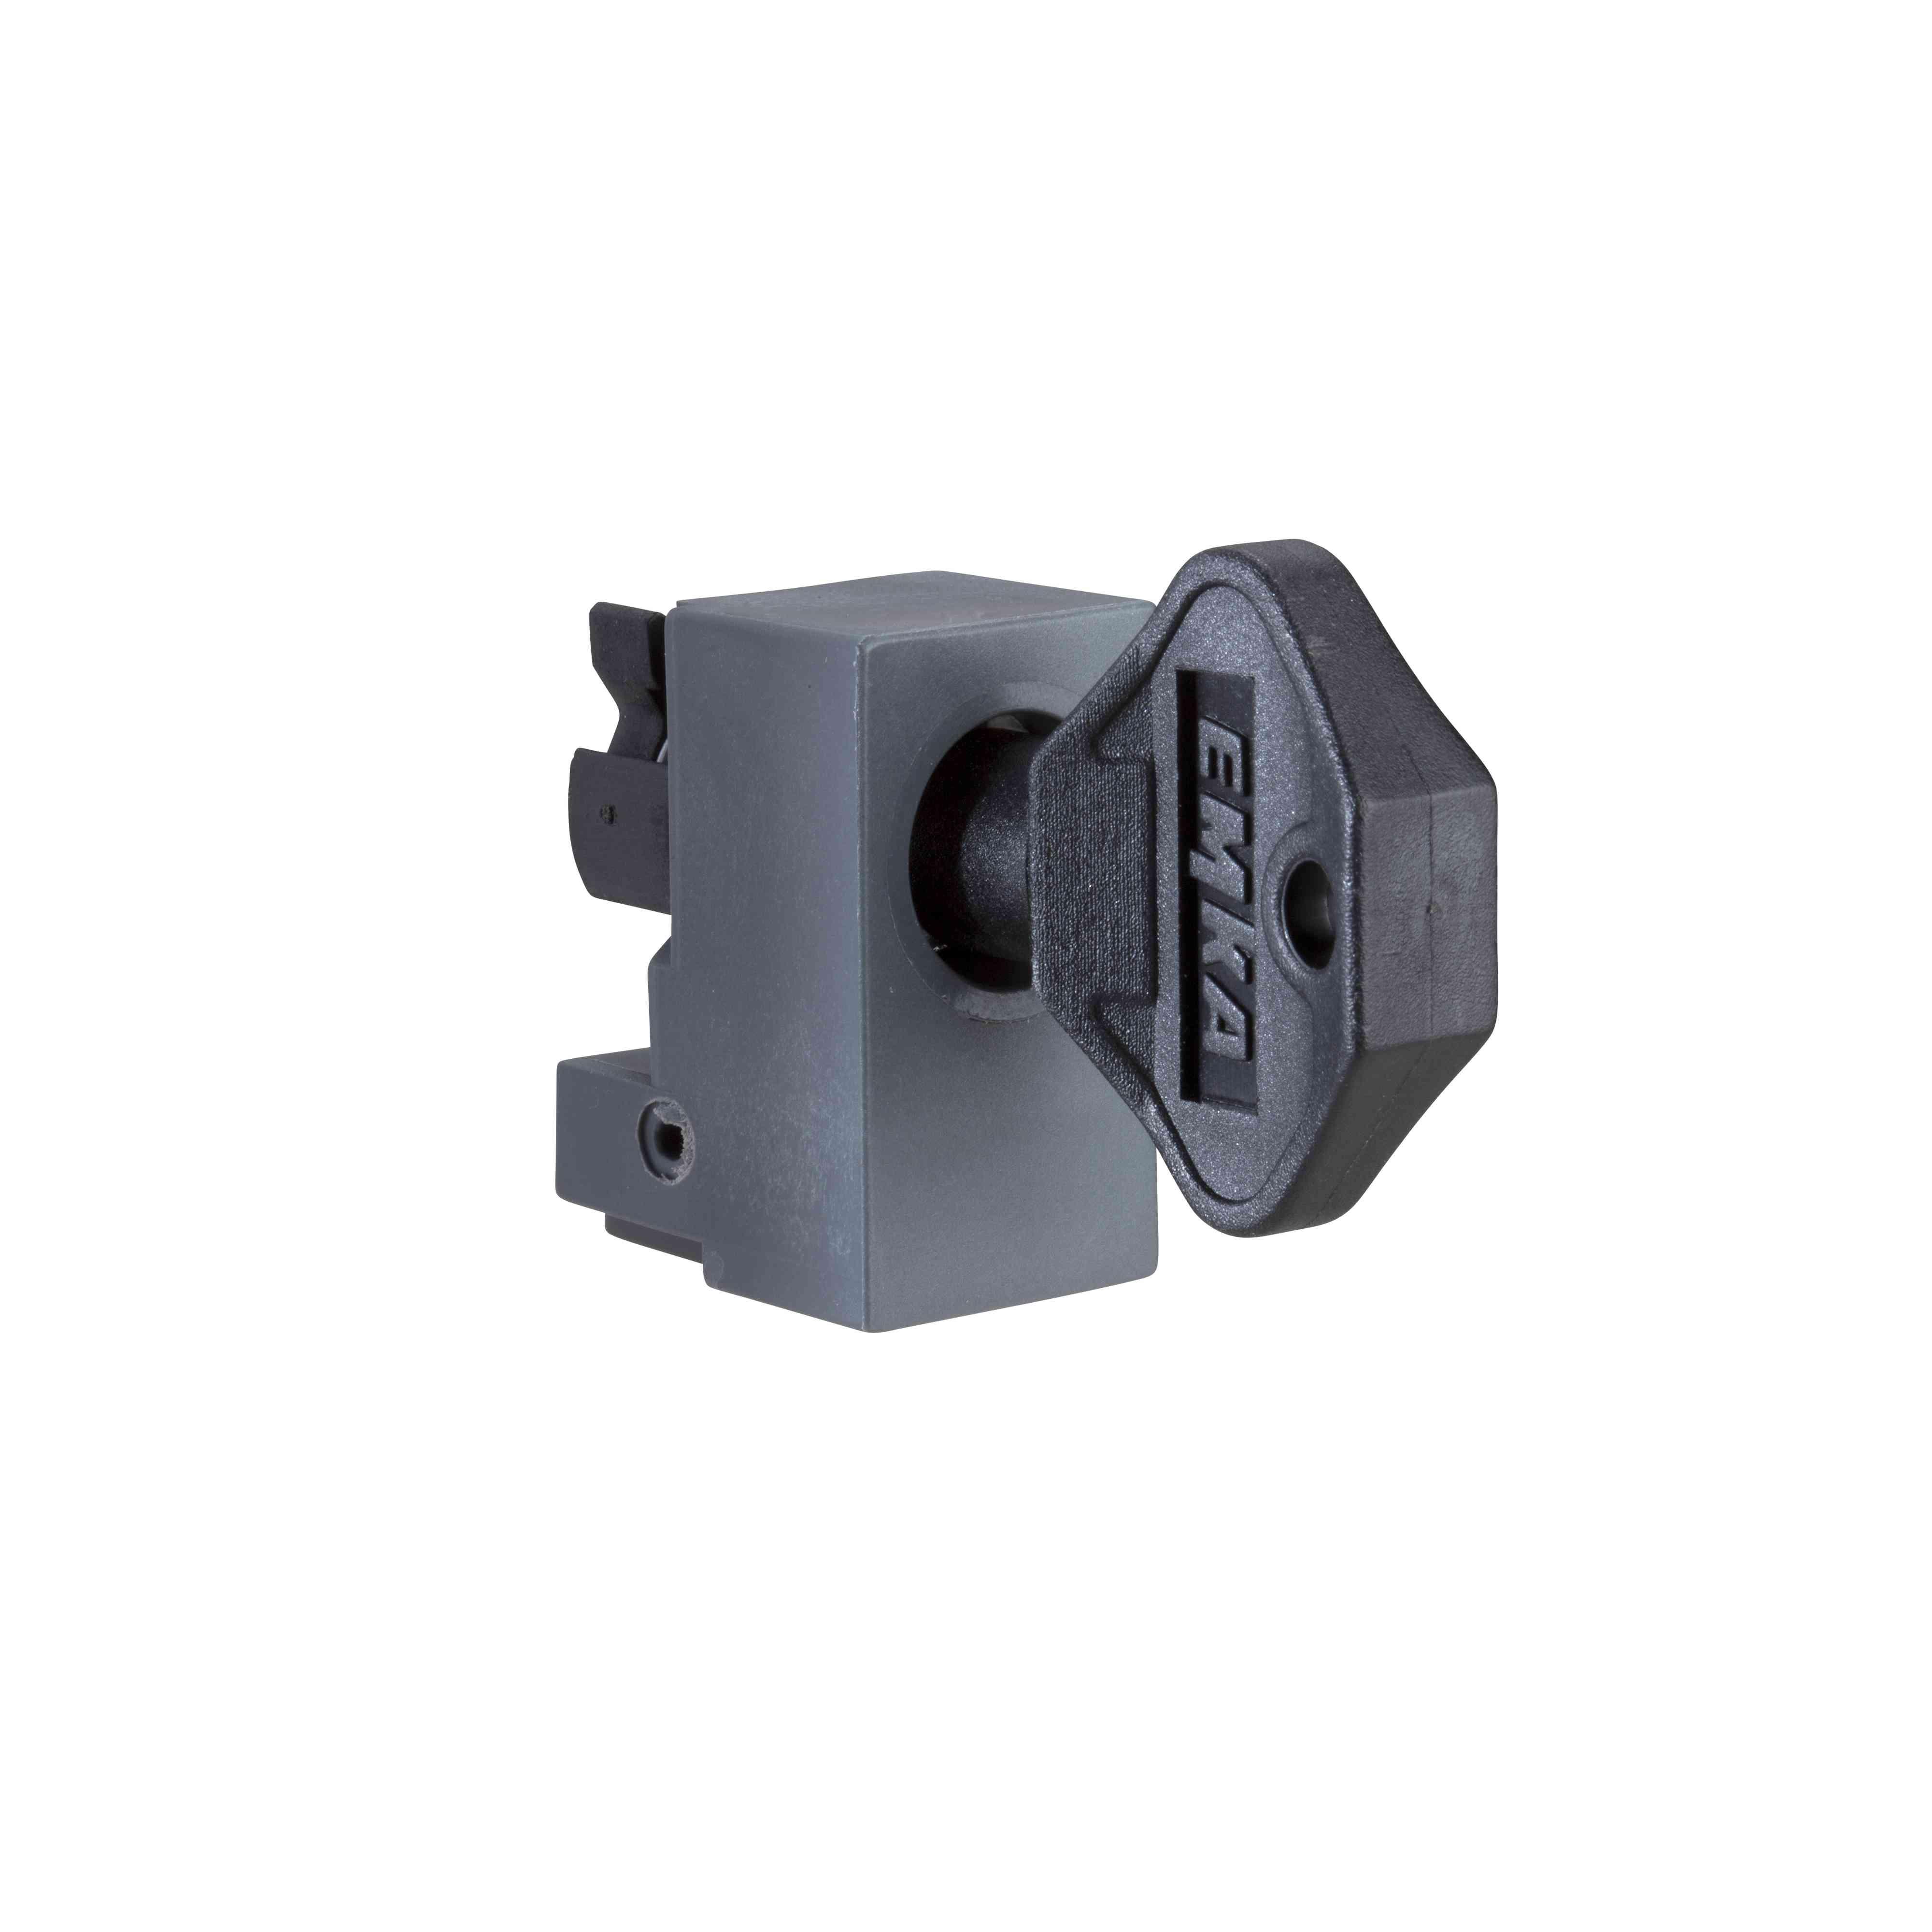 Oblikovan vložek - ženski kvadratni vložek ključavnice 8 mm